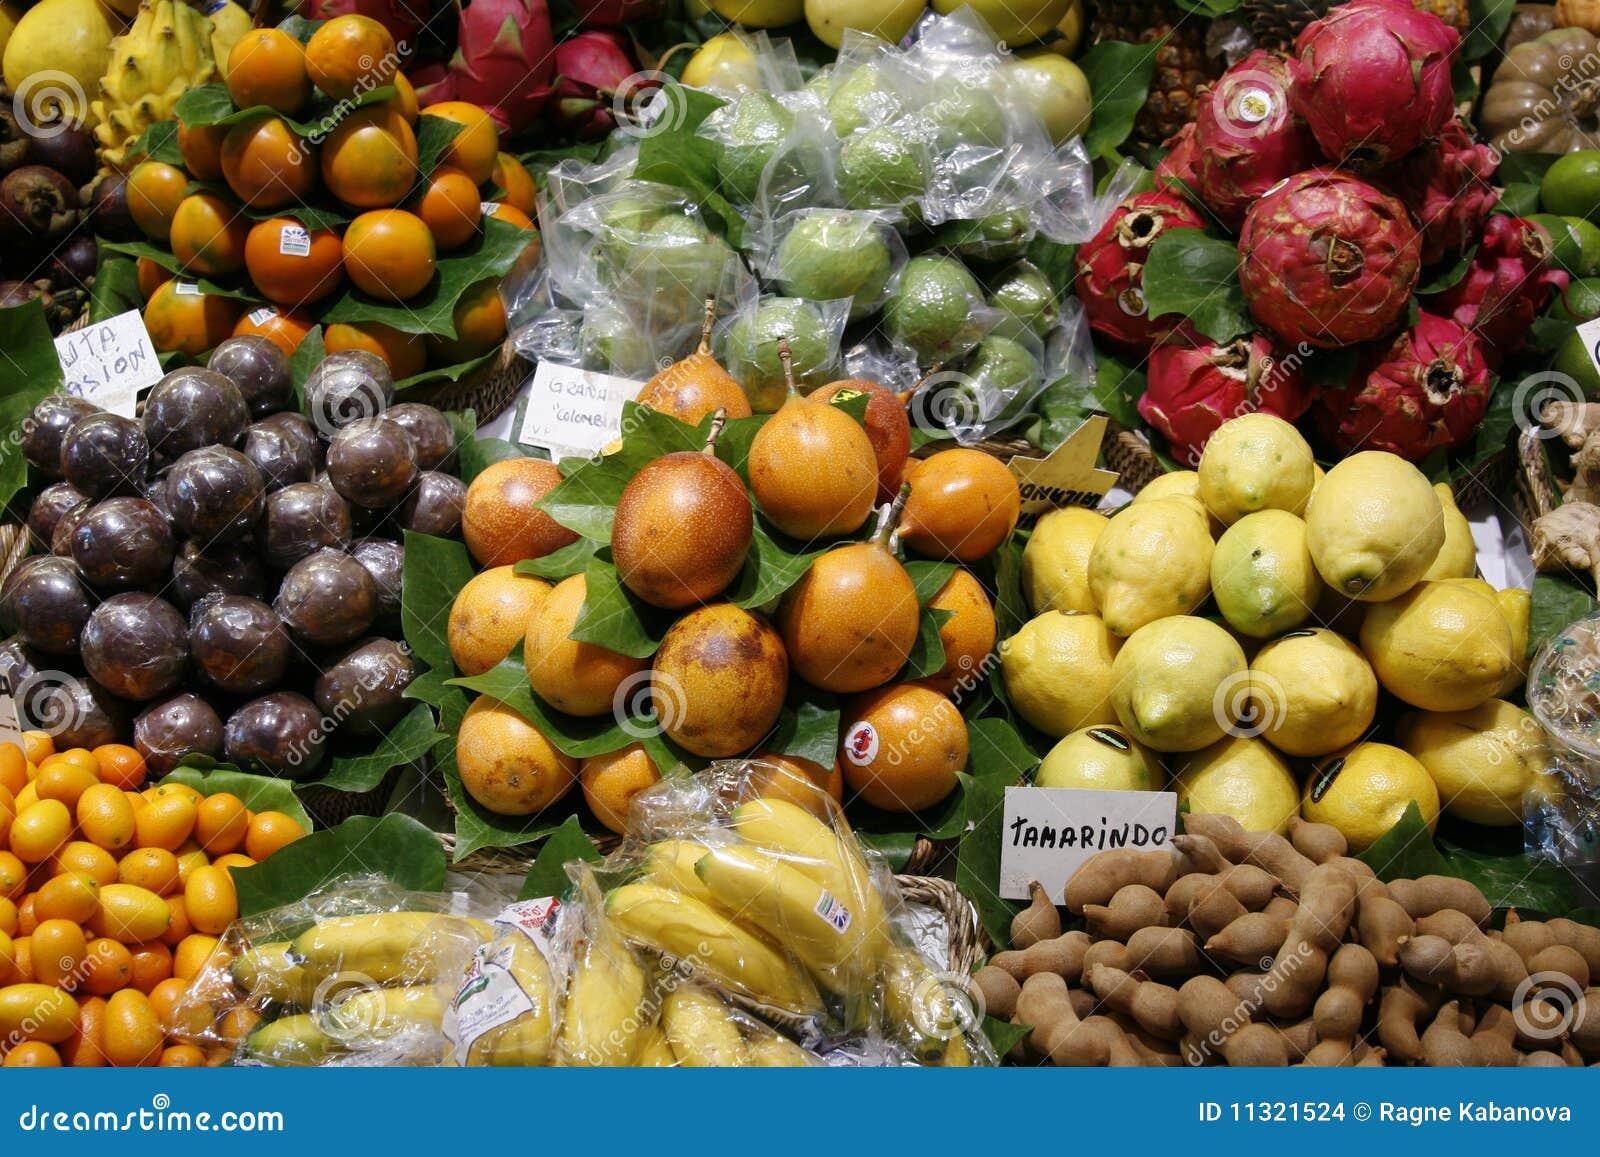 Frische Früchte auf dem Markt